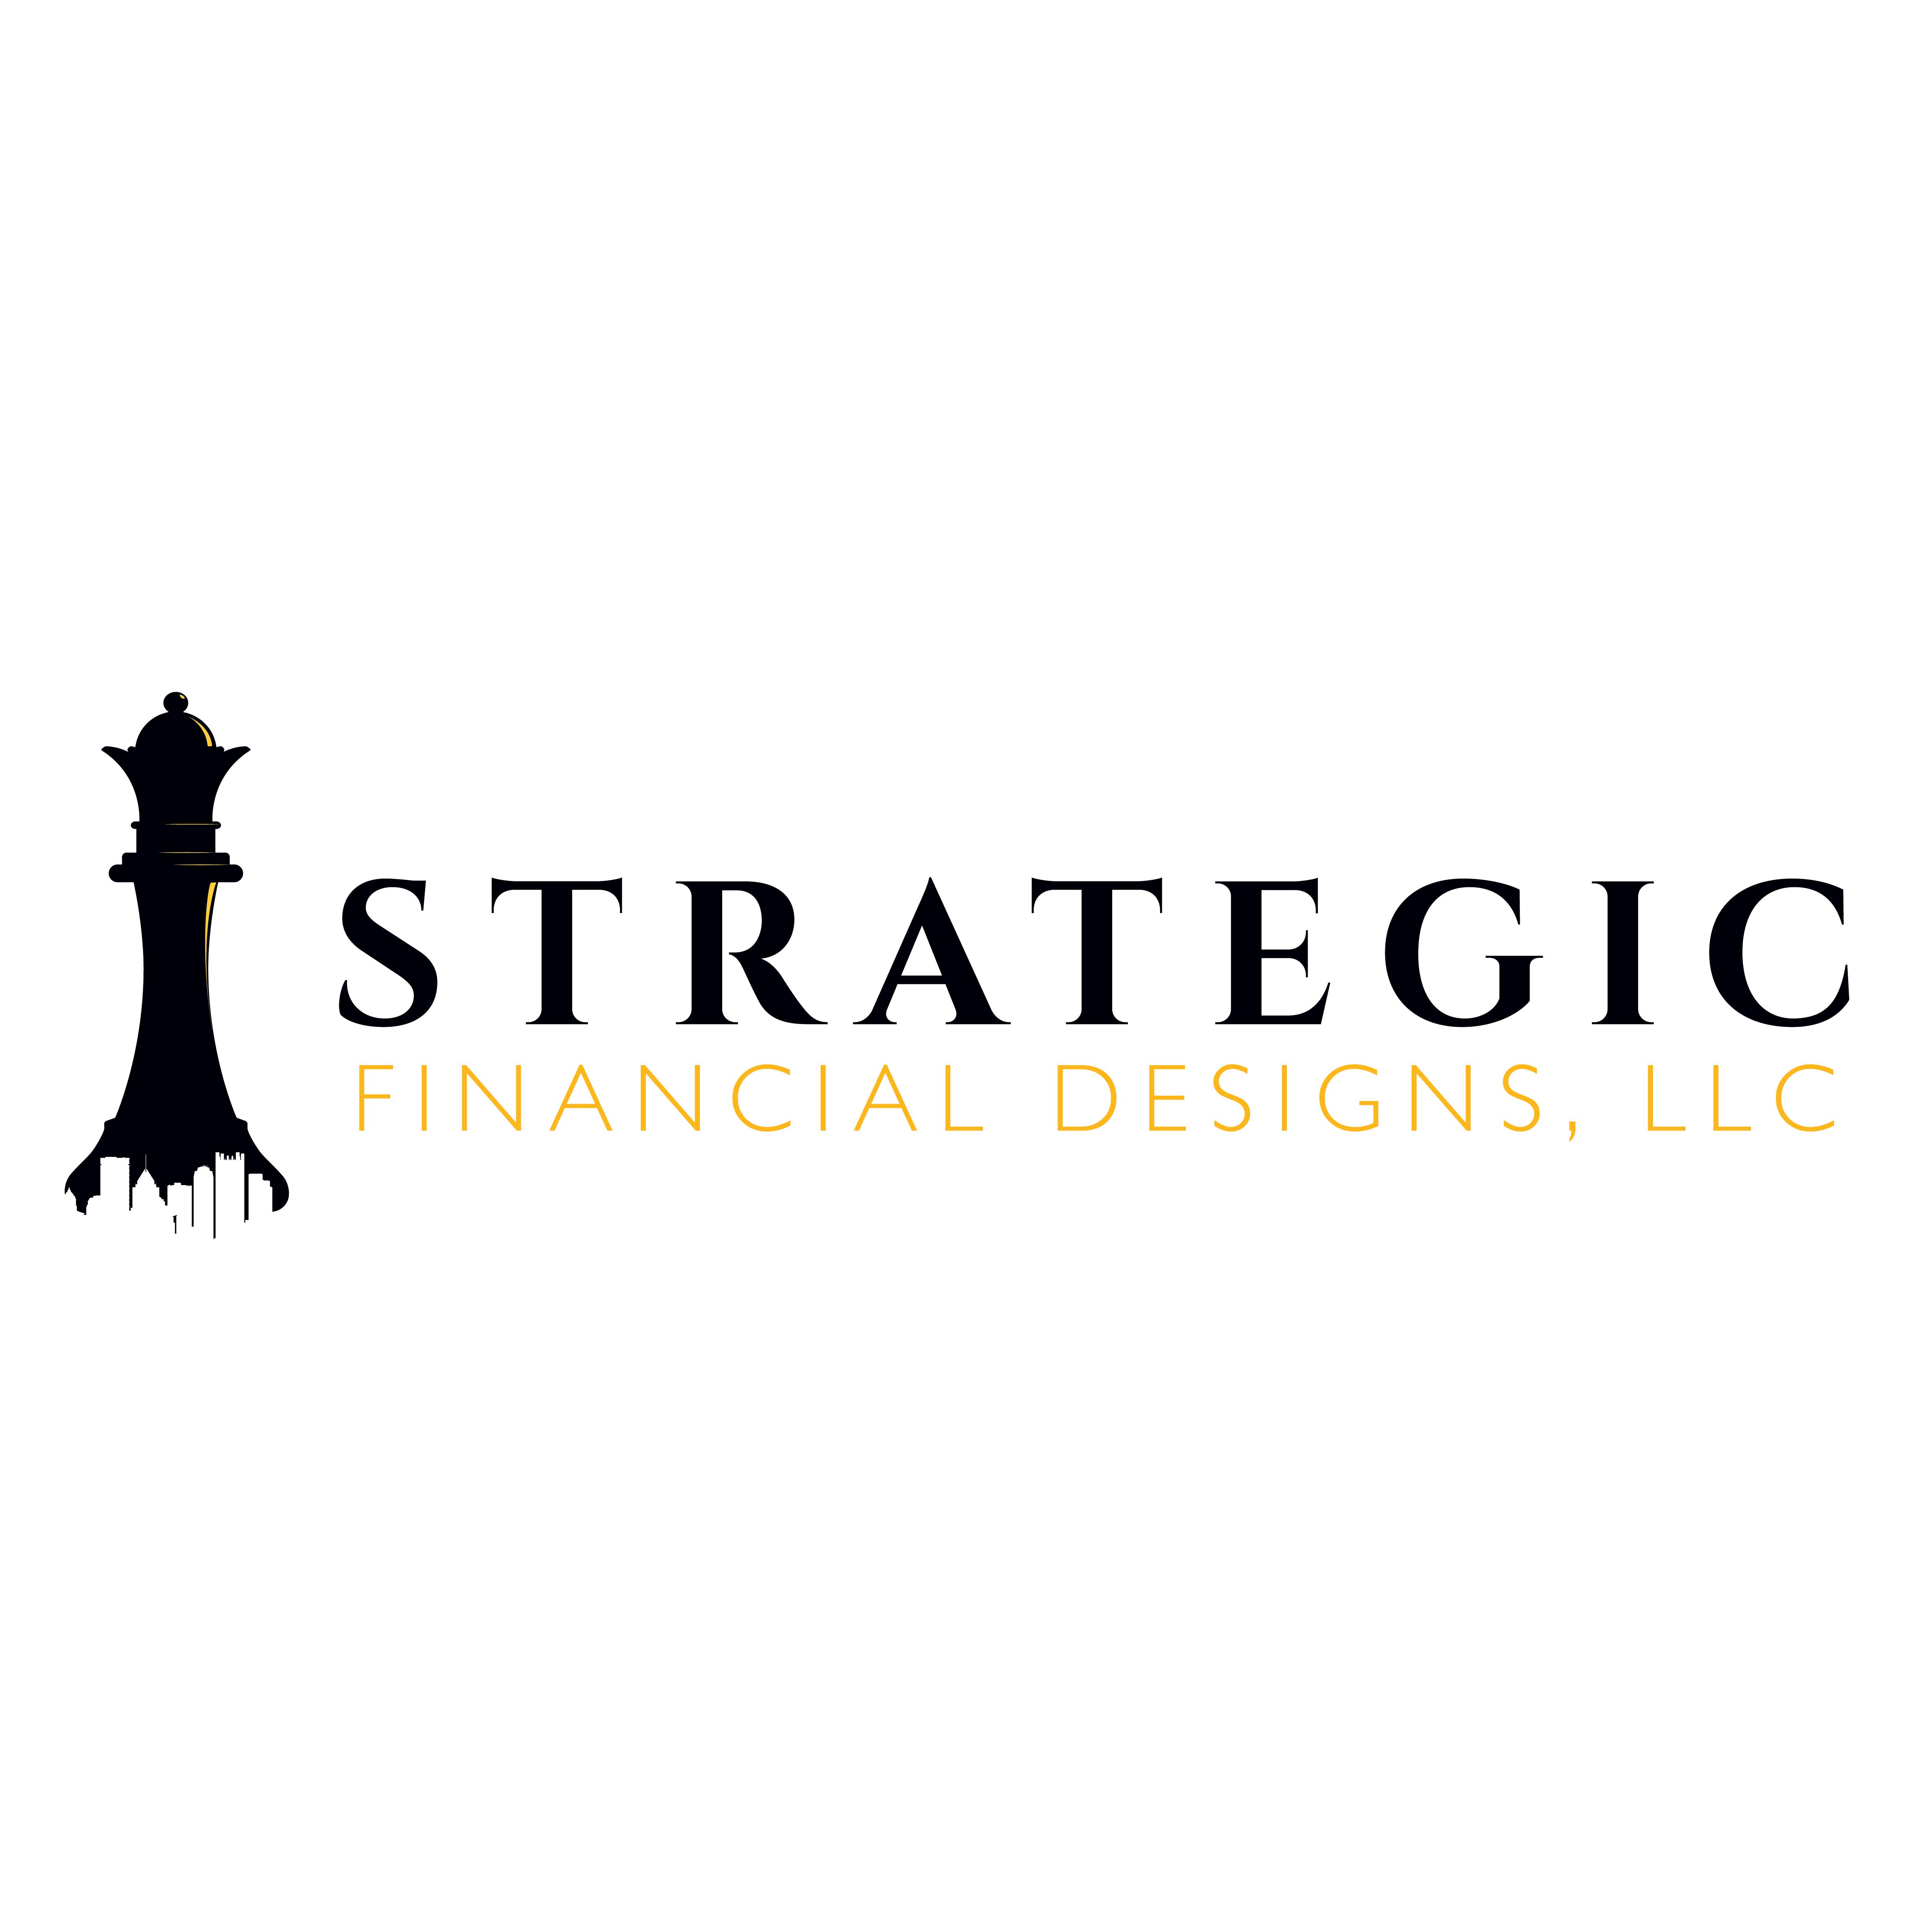 Strategic Financial Designs, LLC.